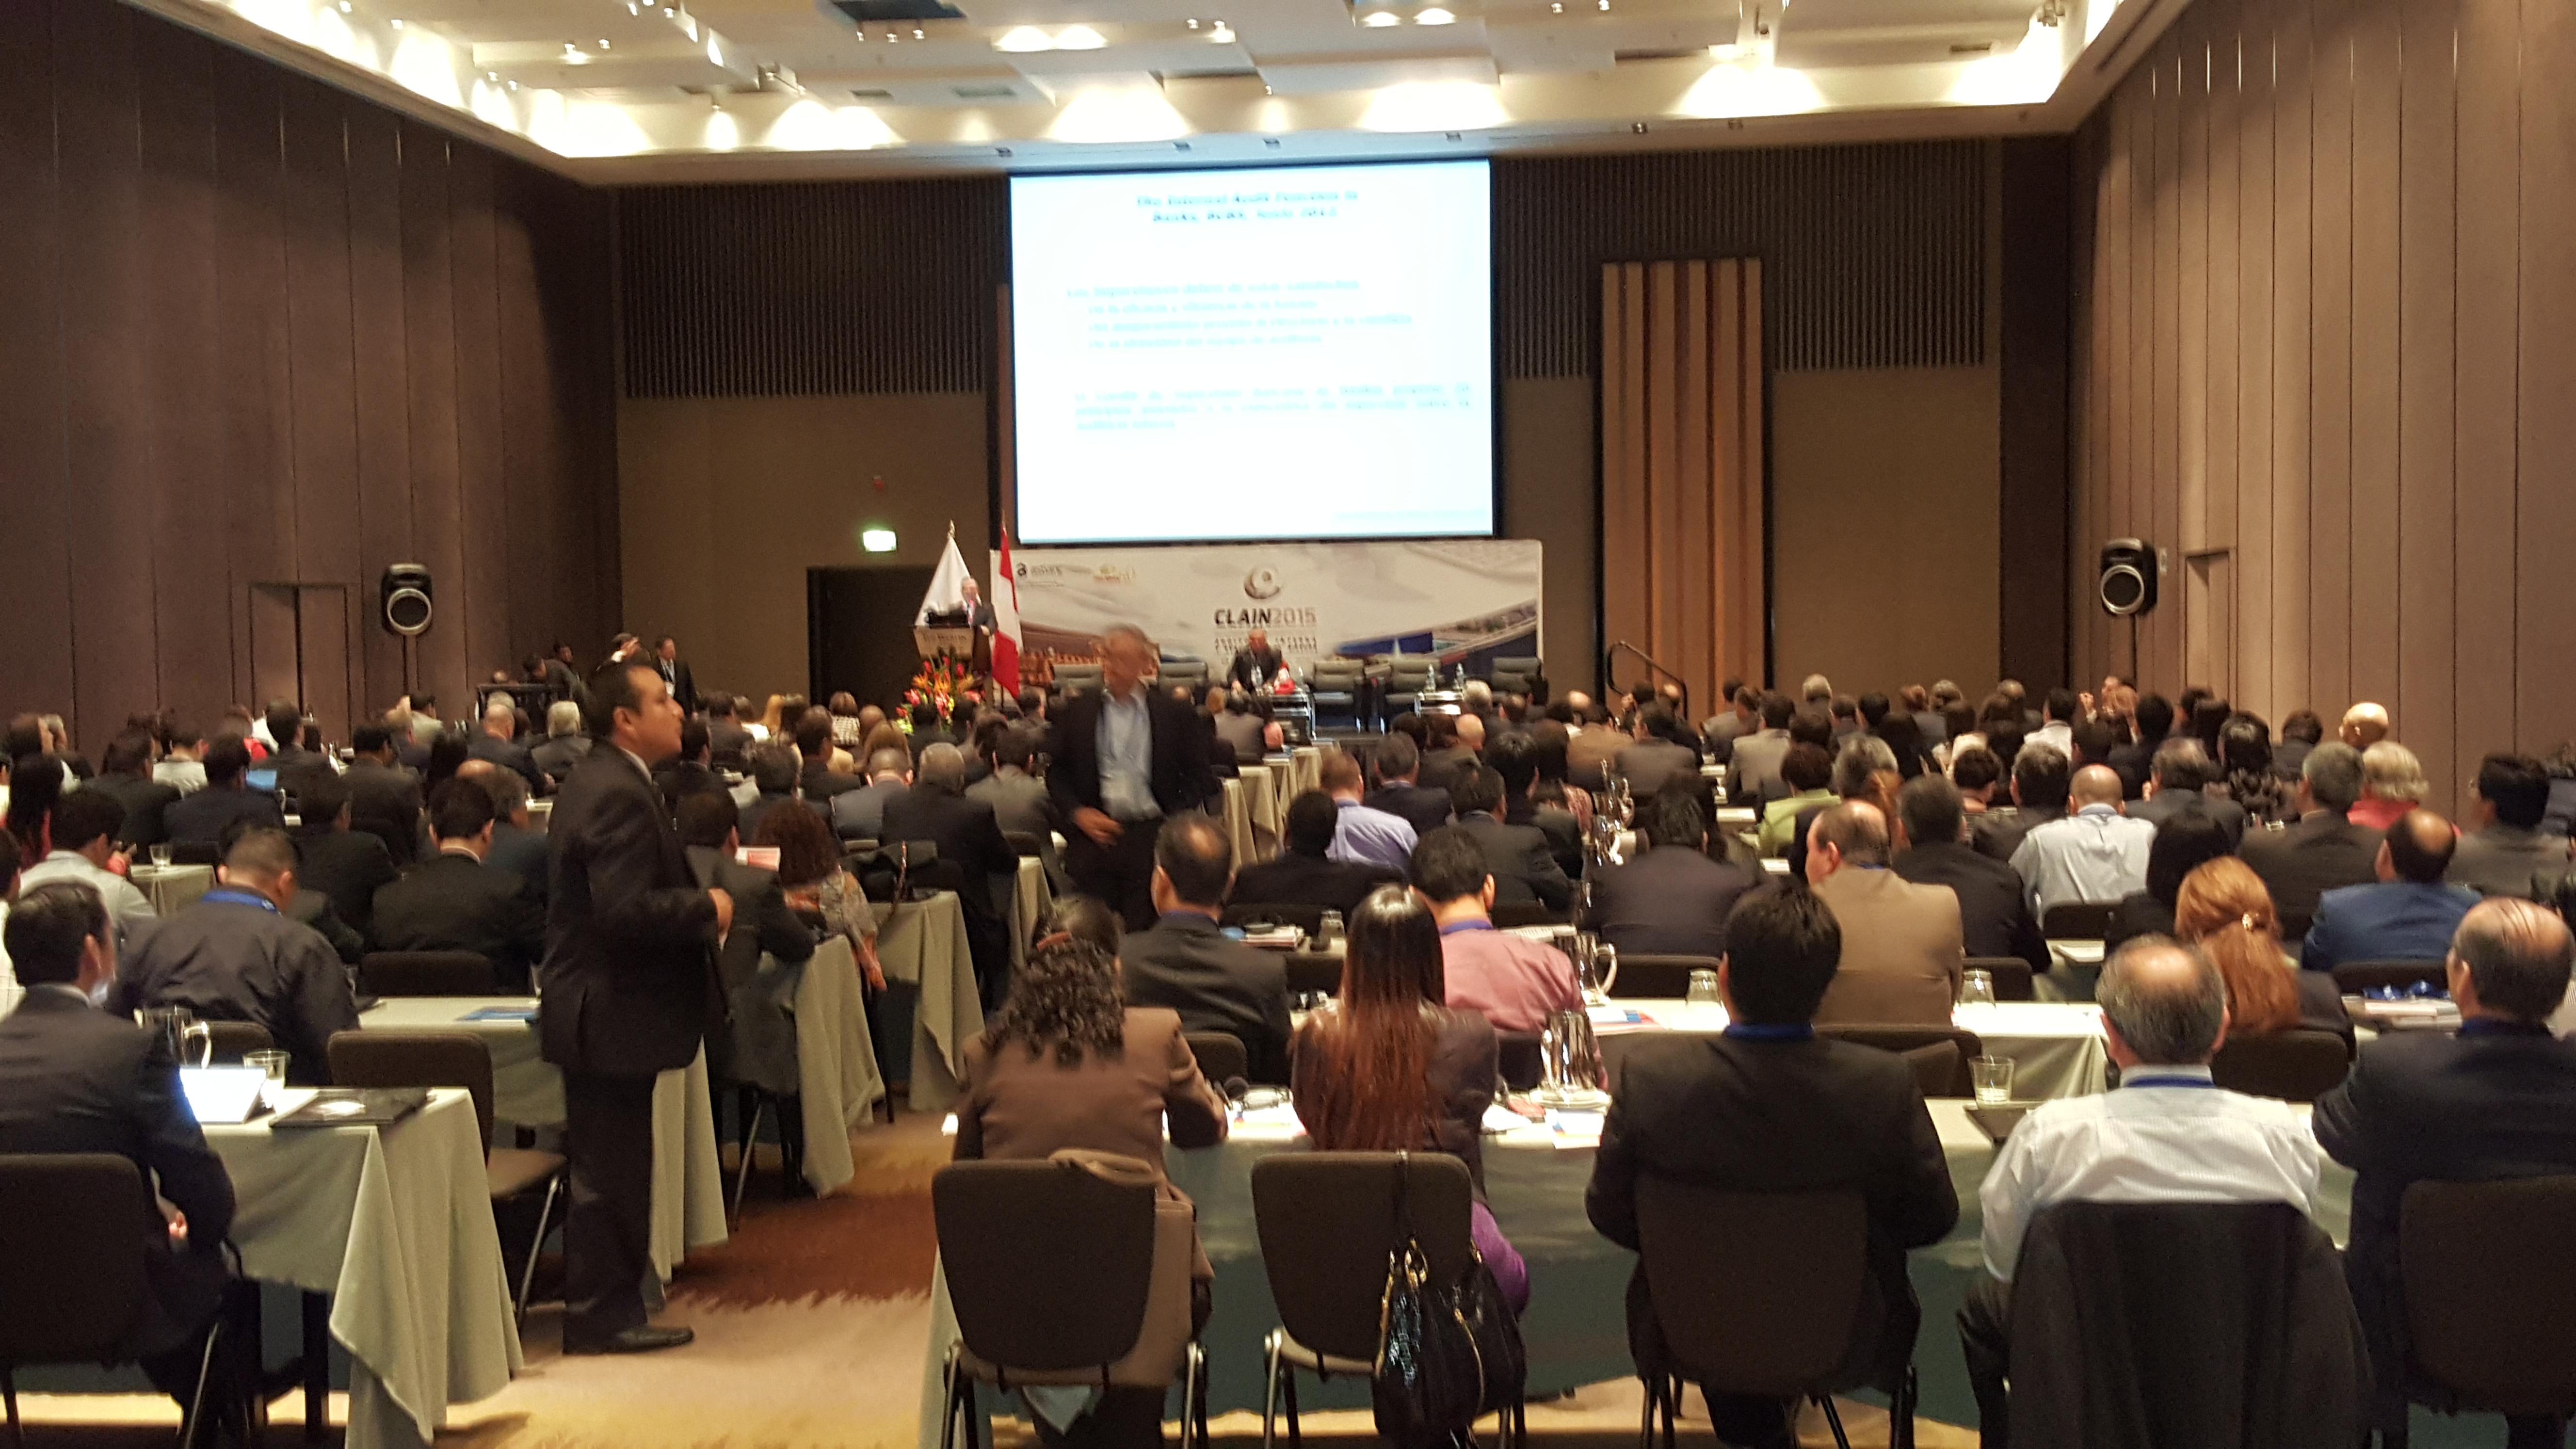 XIX Congreso Latinoamericano  de Auditoría Interna y Evaluación de Riesgos, CLAIN 2015